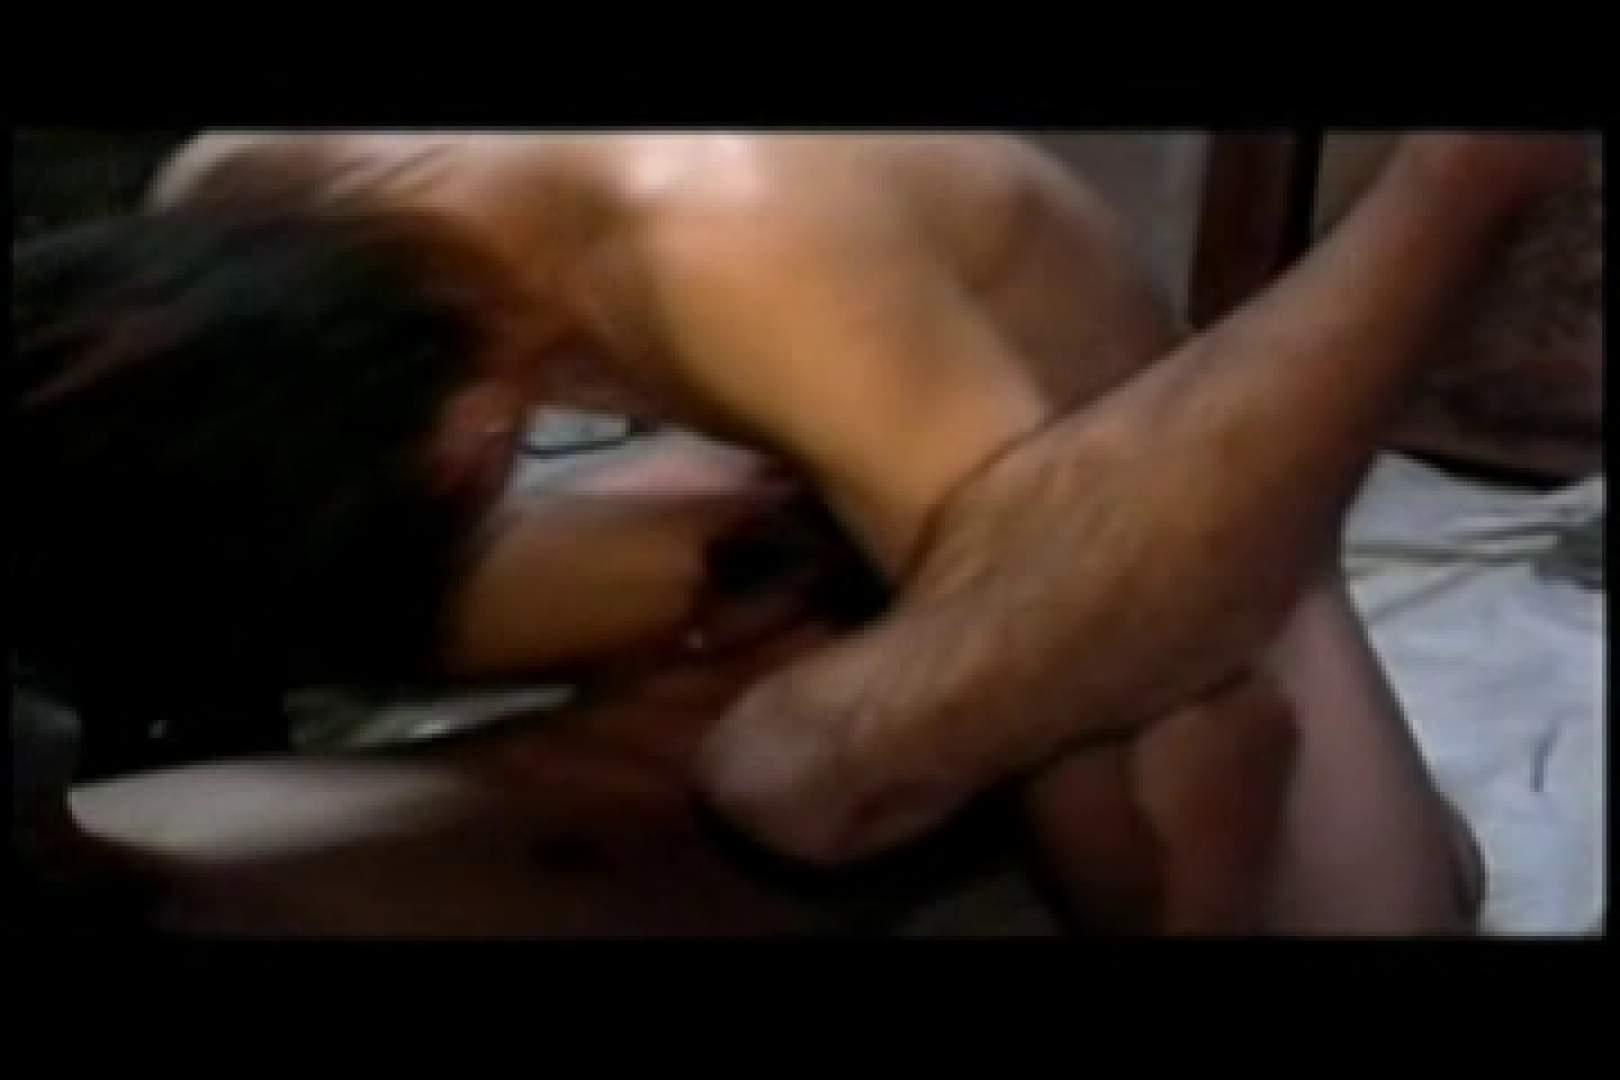 【実録個人撮影】男の子達の禁断の愛欲性活!!vol.04 生入最高 ゲイセックス画像 109枚 43